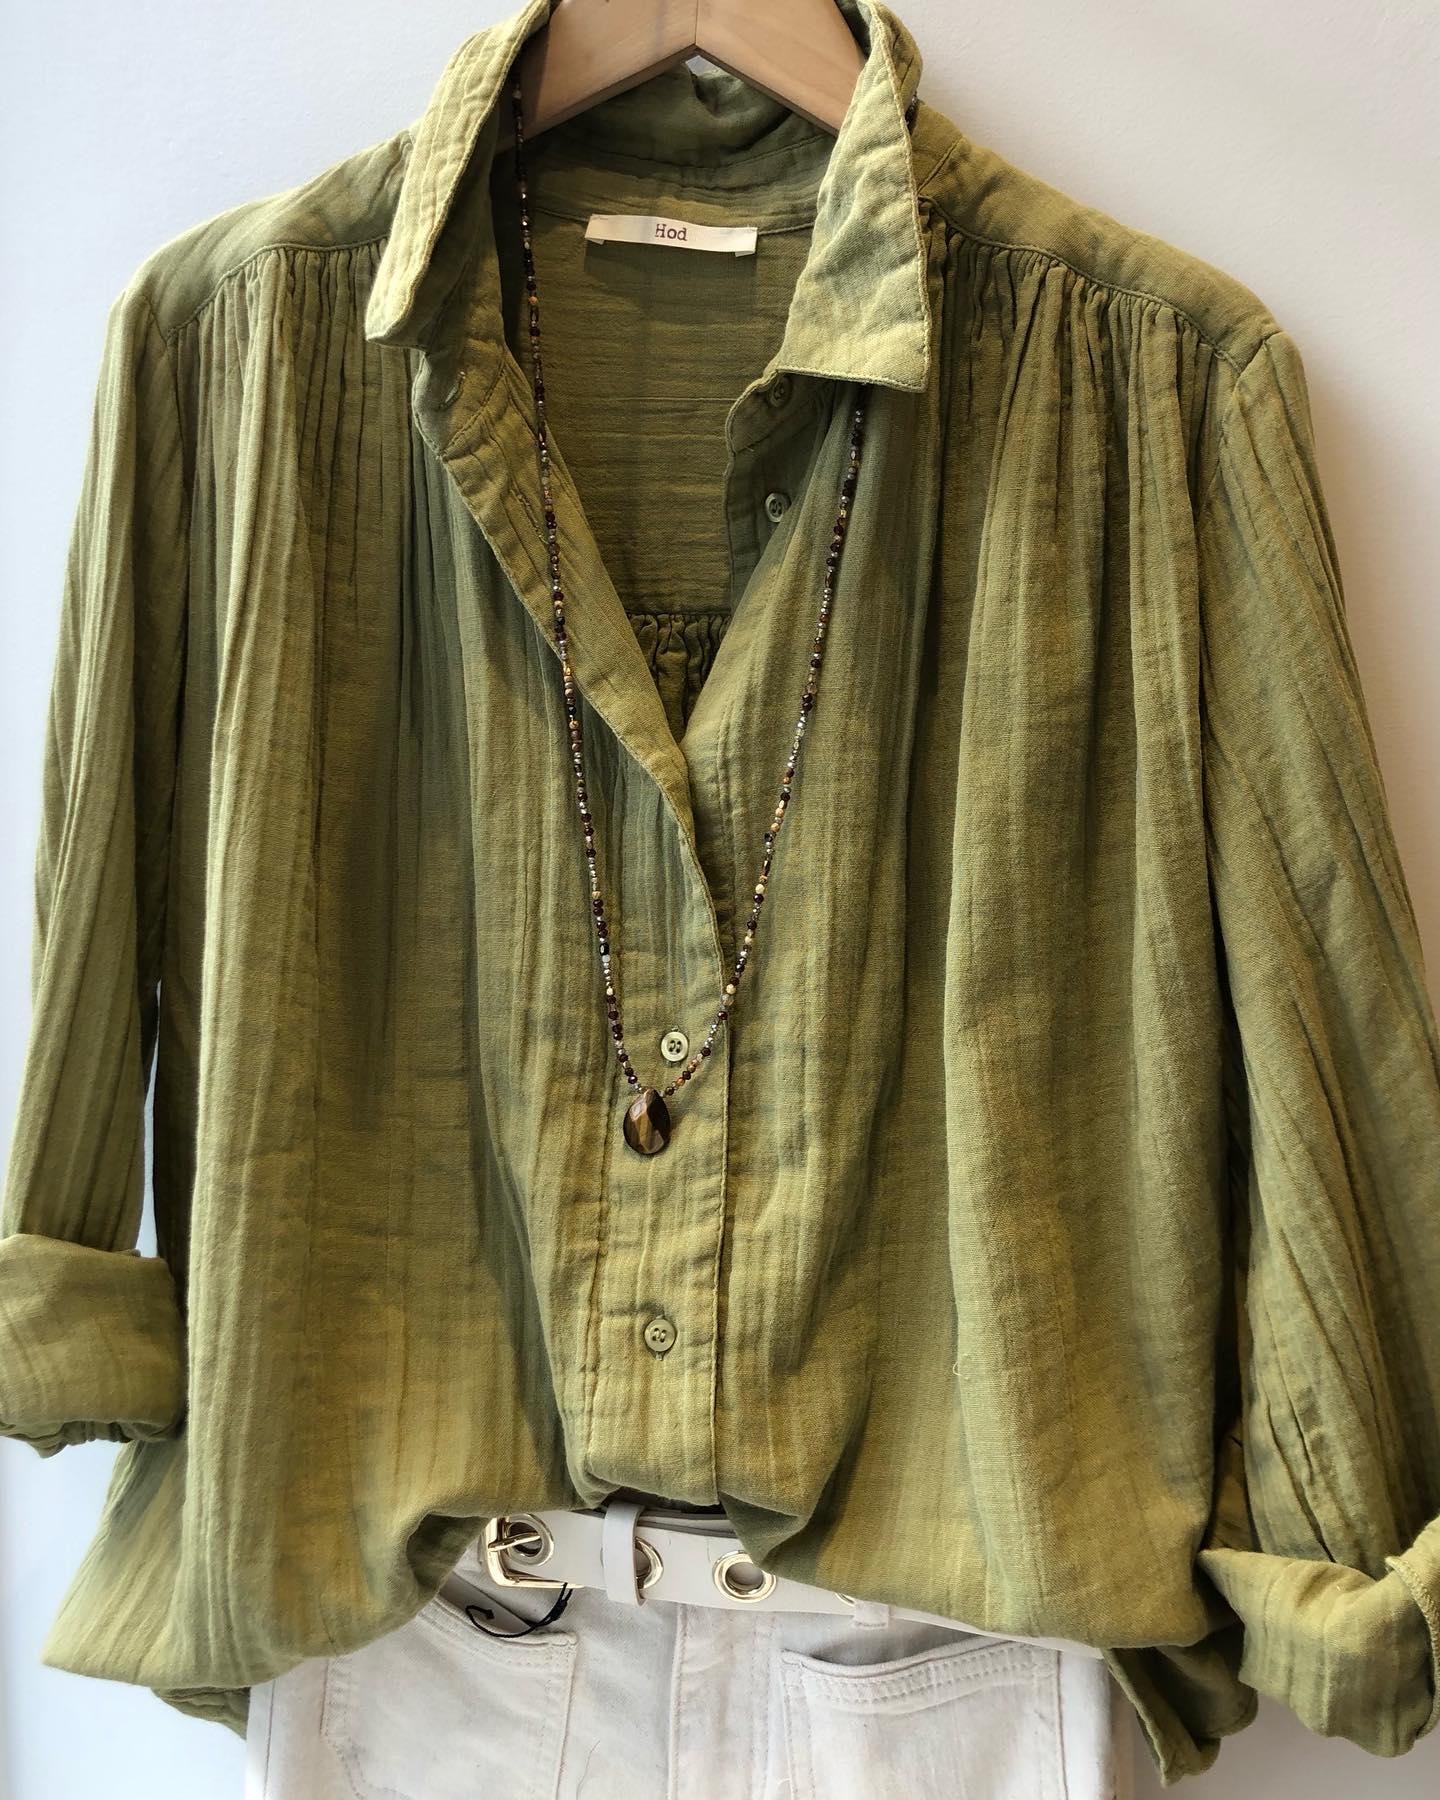 Les chemises en gaze de coton souple et douce se déclinent en kaki, safran et écru 🤍 @hod_parishttps://www.instagram.com/p/CLrKbR8lLaT/